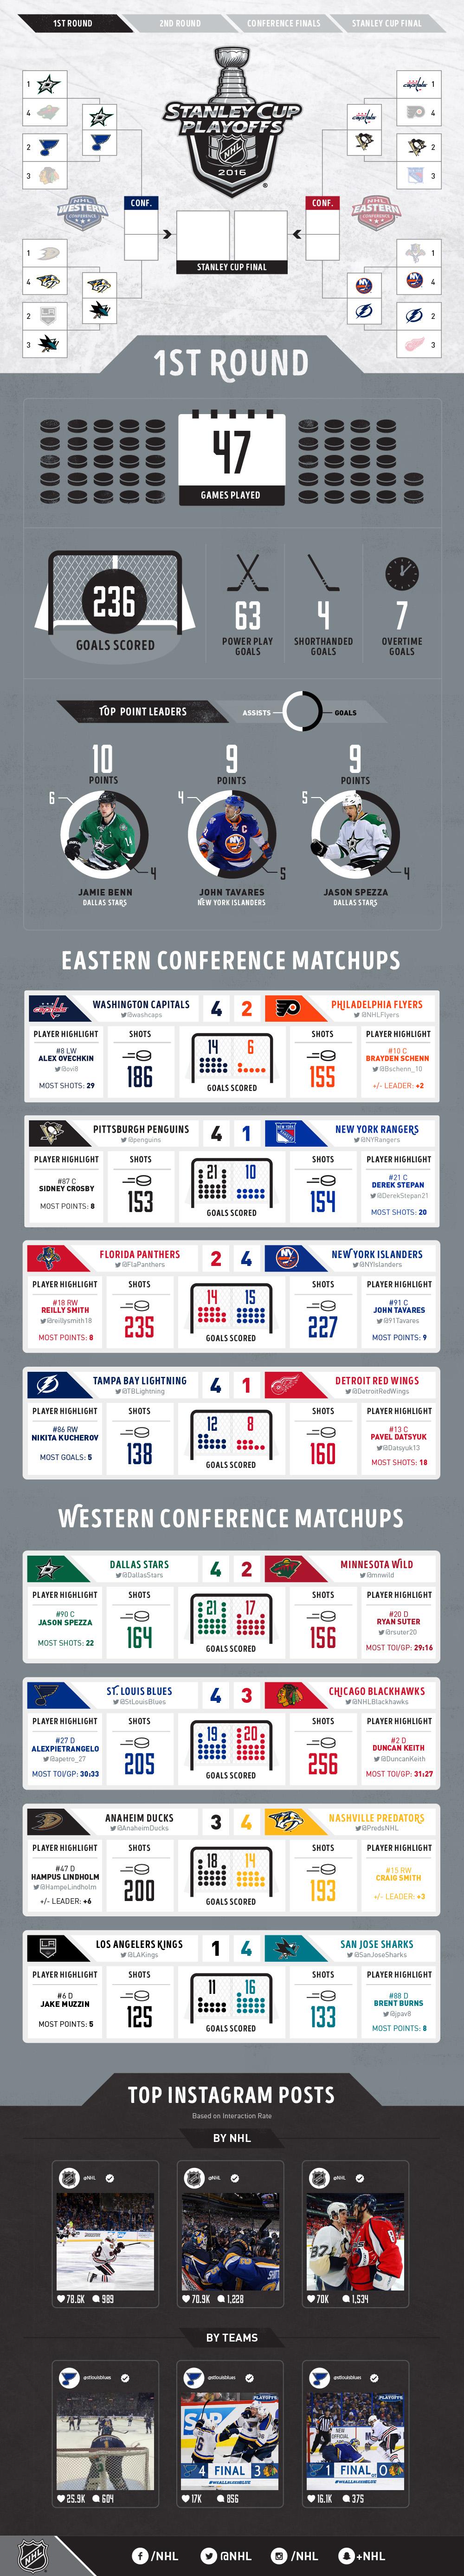 Stanley Cup Playoffs: Round 1 Recap